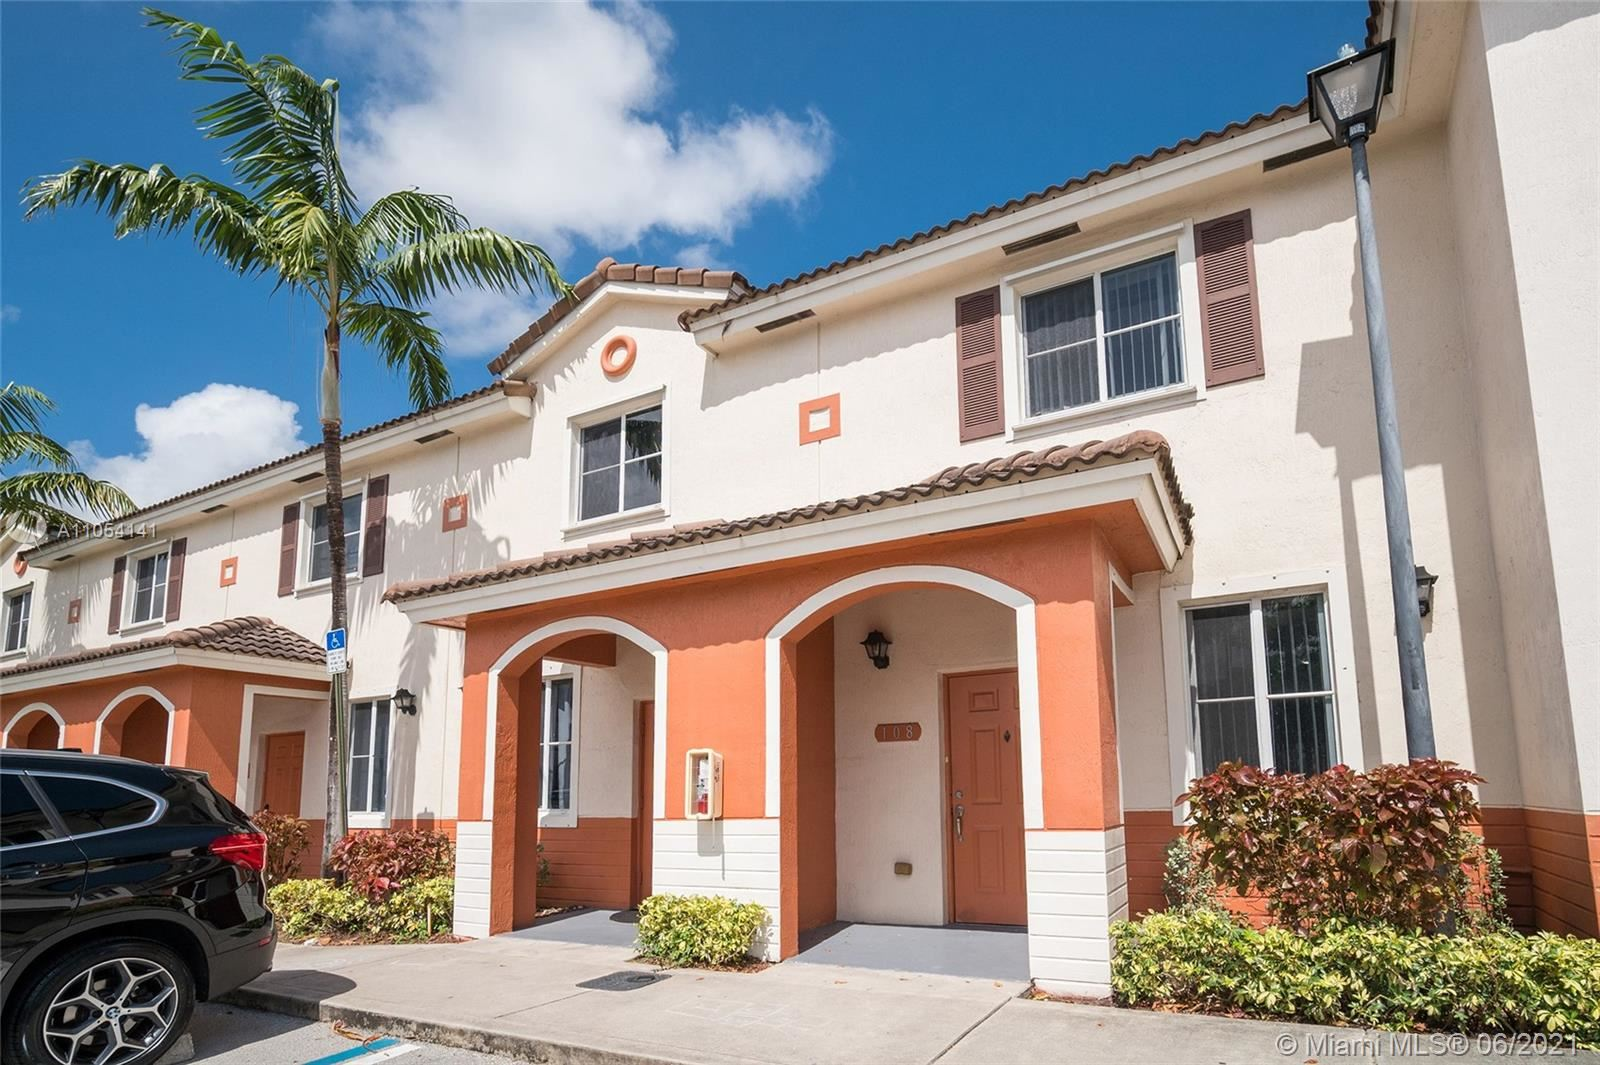 17335 NW 7th Ave #108, Miami Gardens, FL 33169 - #: A11054141